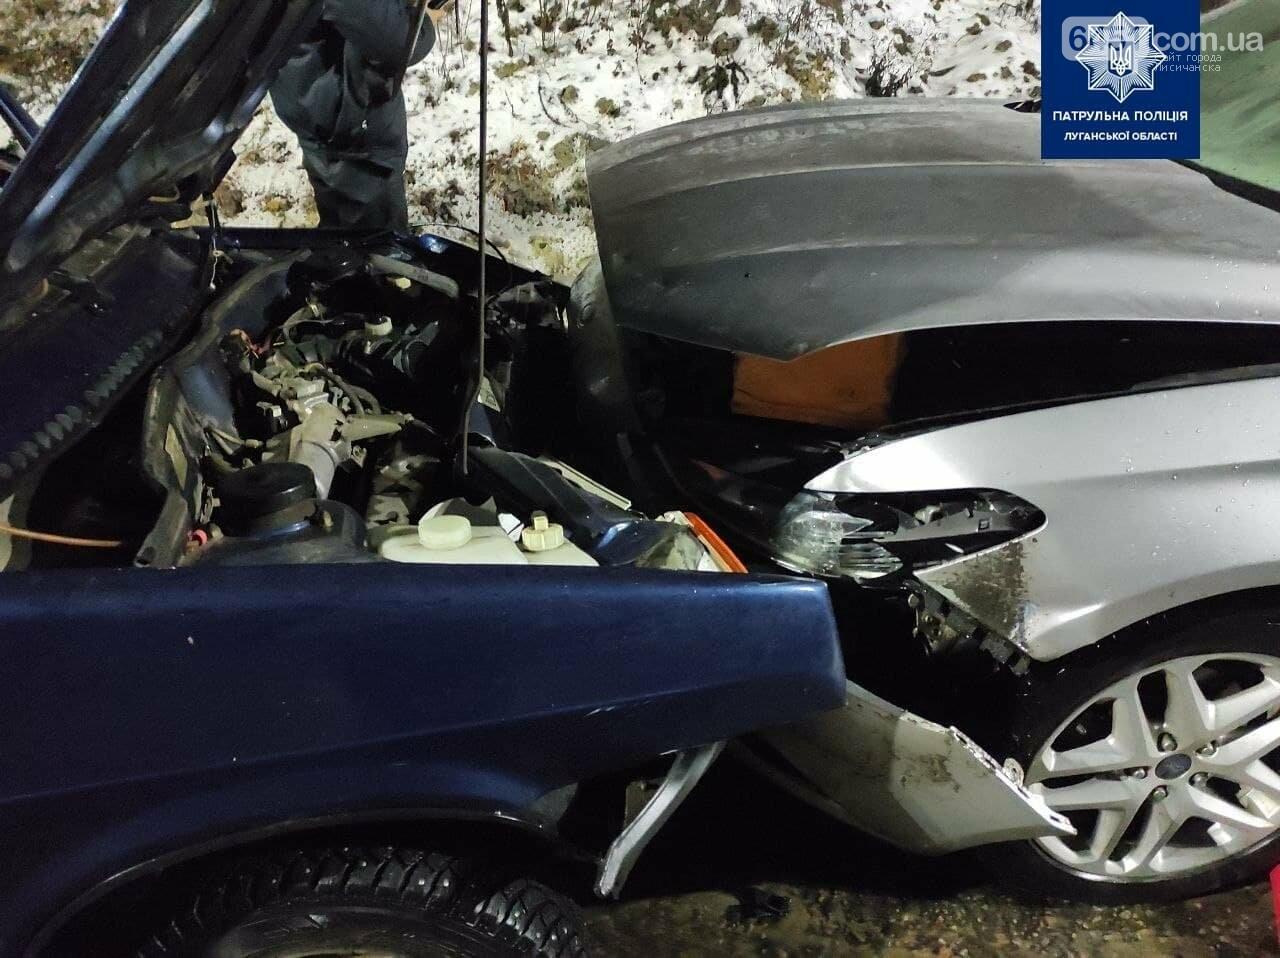 В ДТП в Лисичанске постарадали 5 человек, фото-1, Патрульная полиция Луганской области